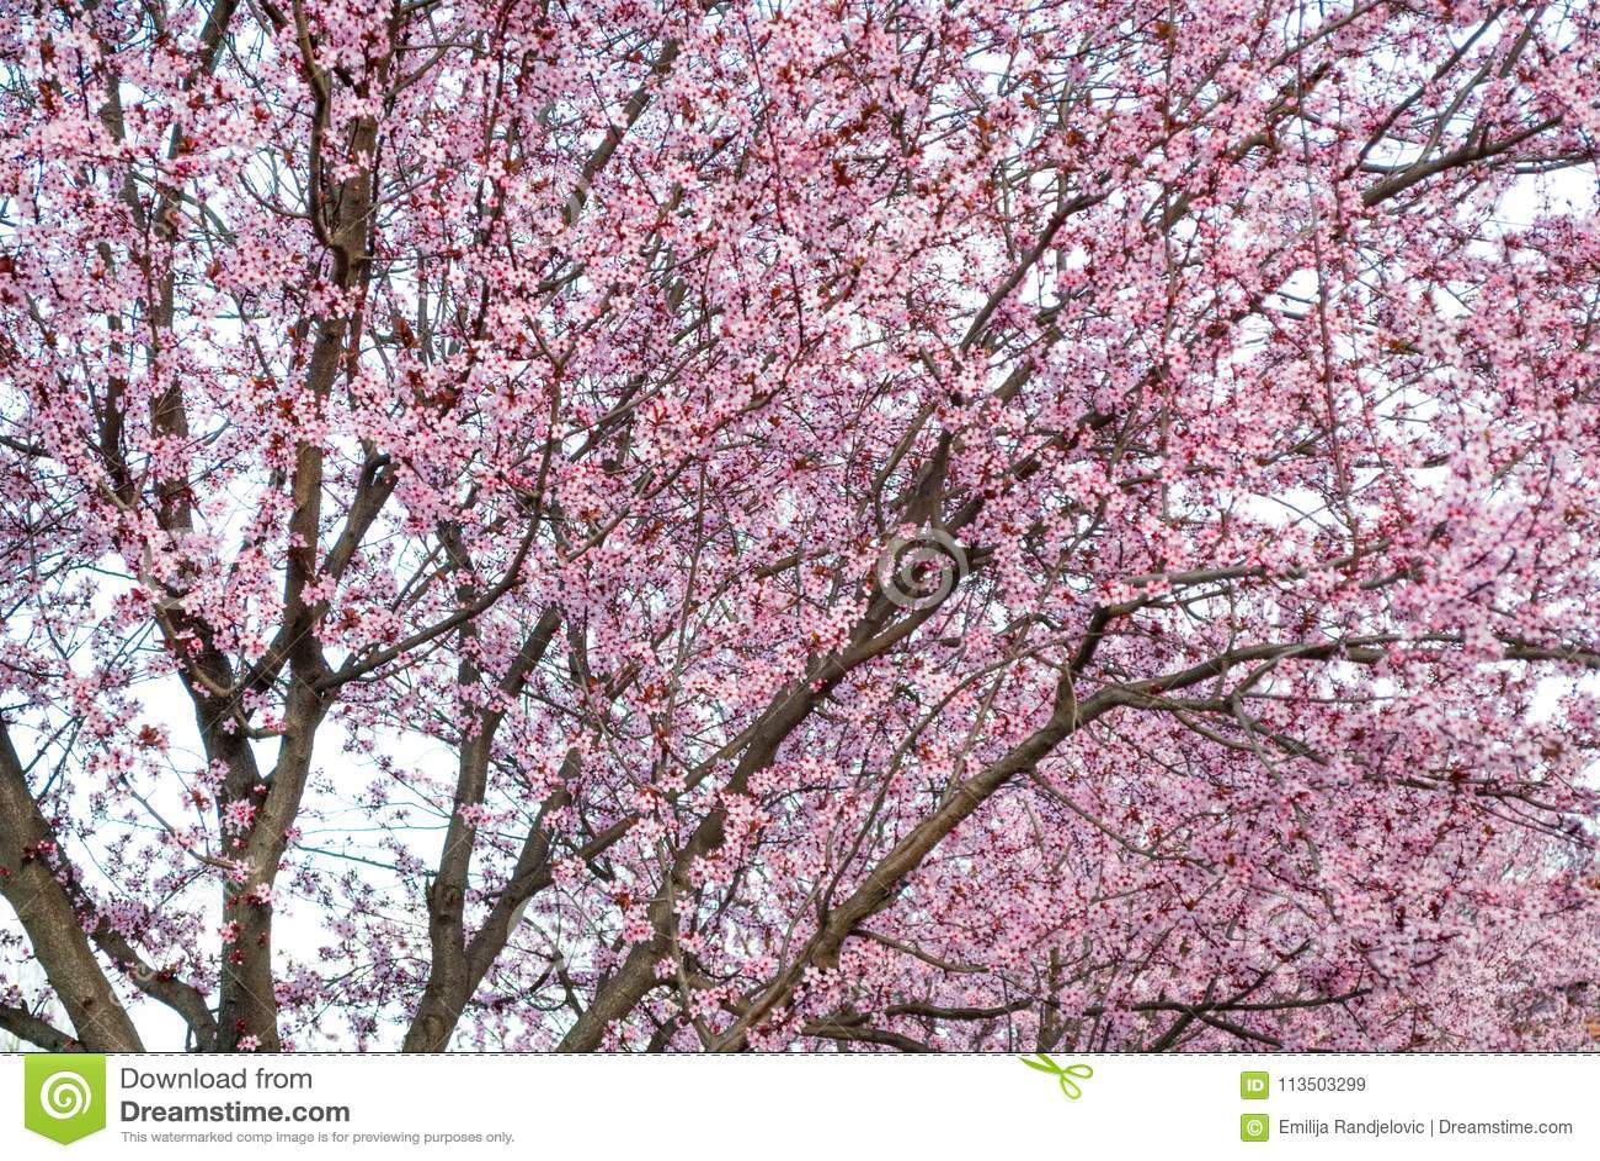 Fondo del fiore del ciliegio con colore rosa adorabile nel parco